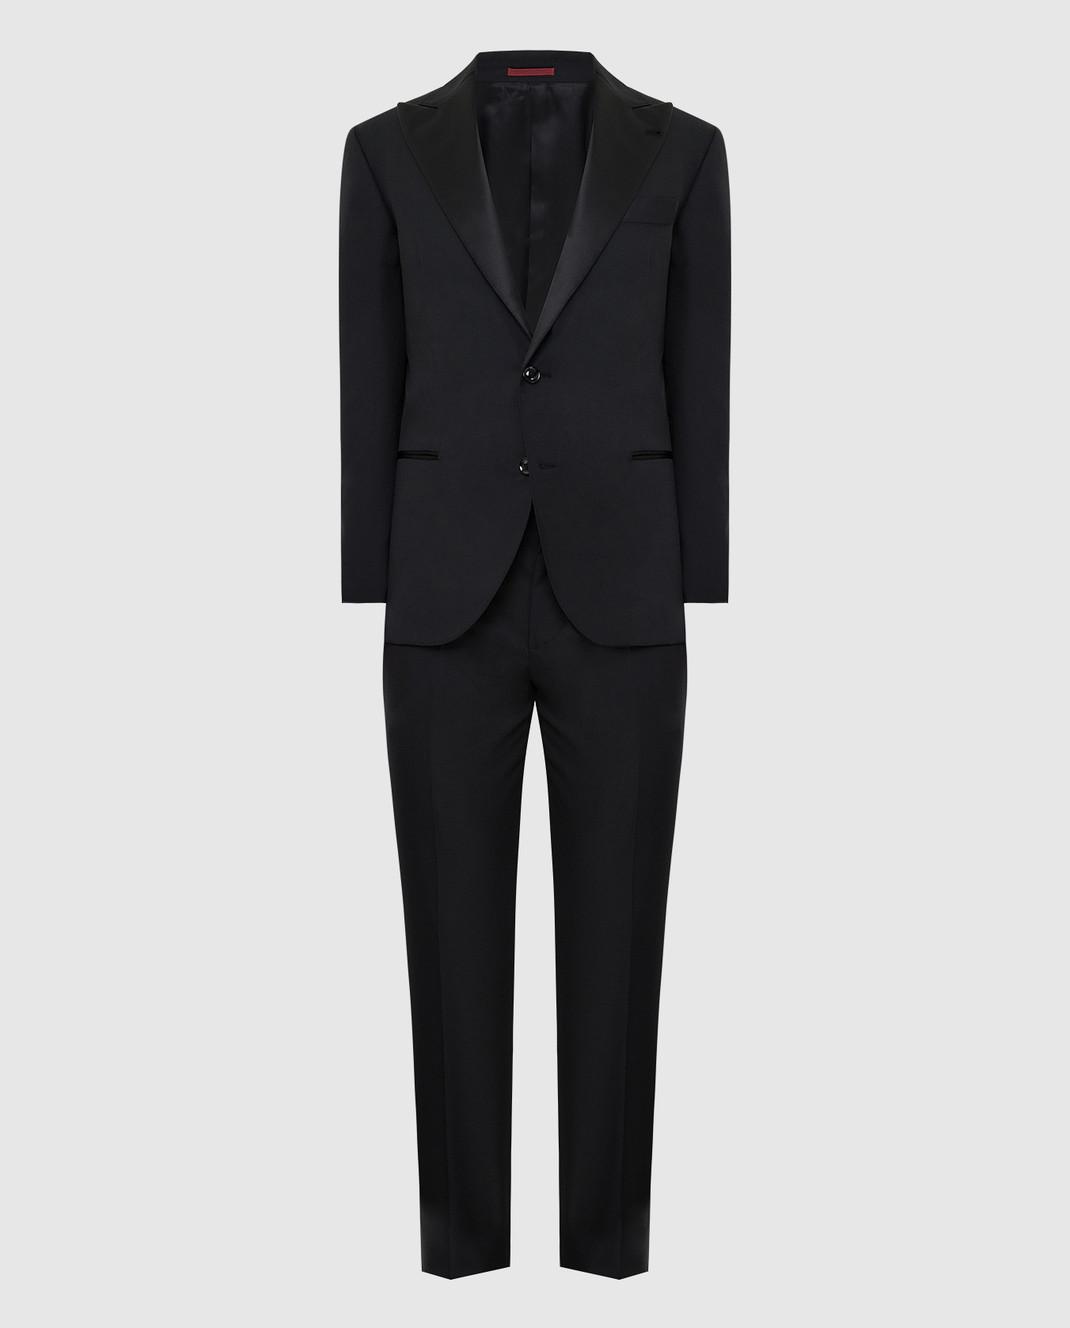 Brunello Cucinelli Черный костюм из шерсти и шелка изображение 1